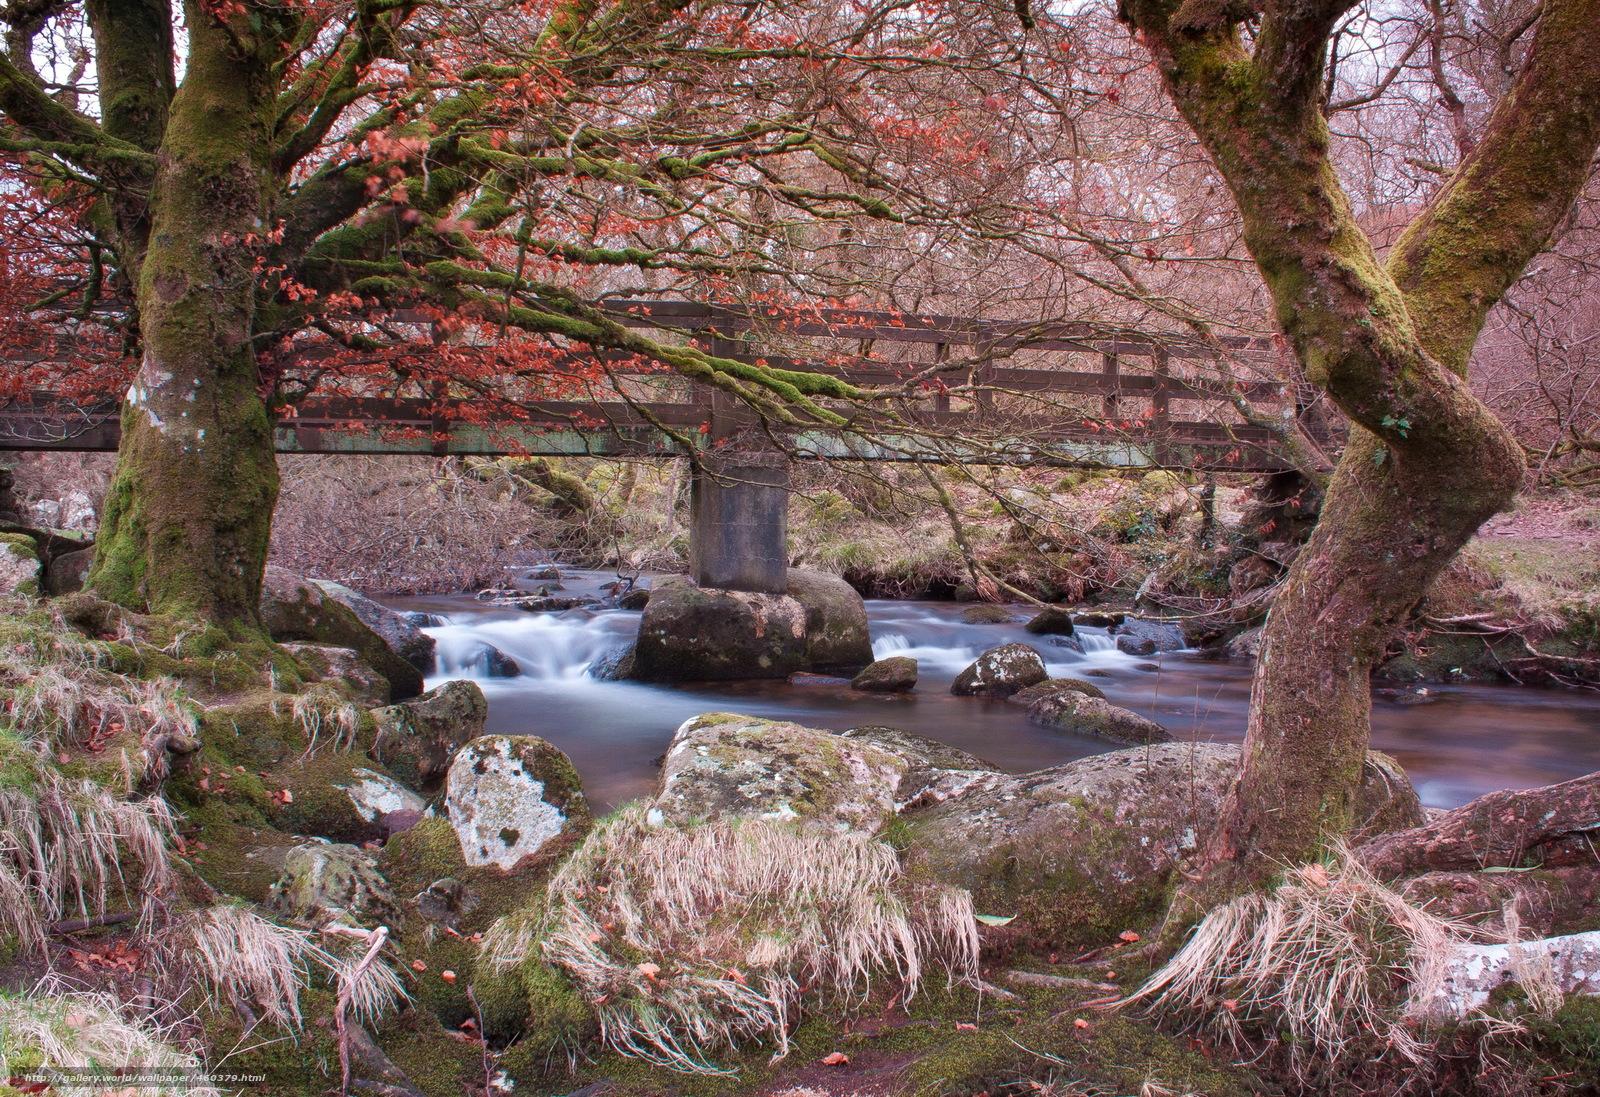 Скачать обои Река,  Камни,  belstone,  england бесплатно для рабочего стола в разрешении 2048x1404 — картинка №460379